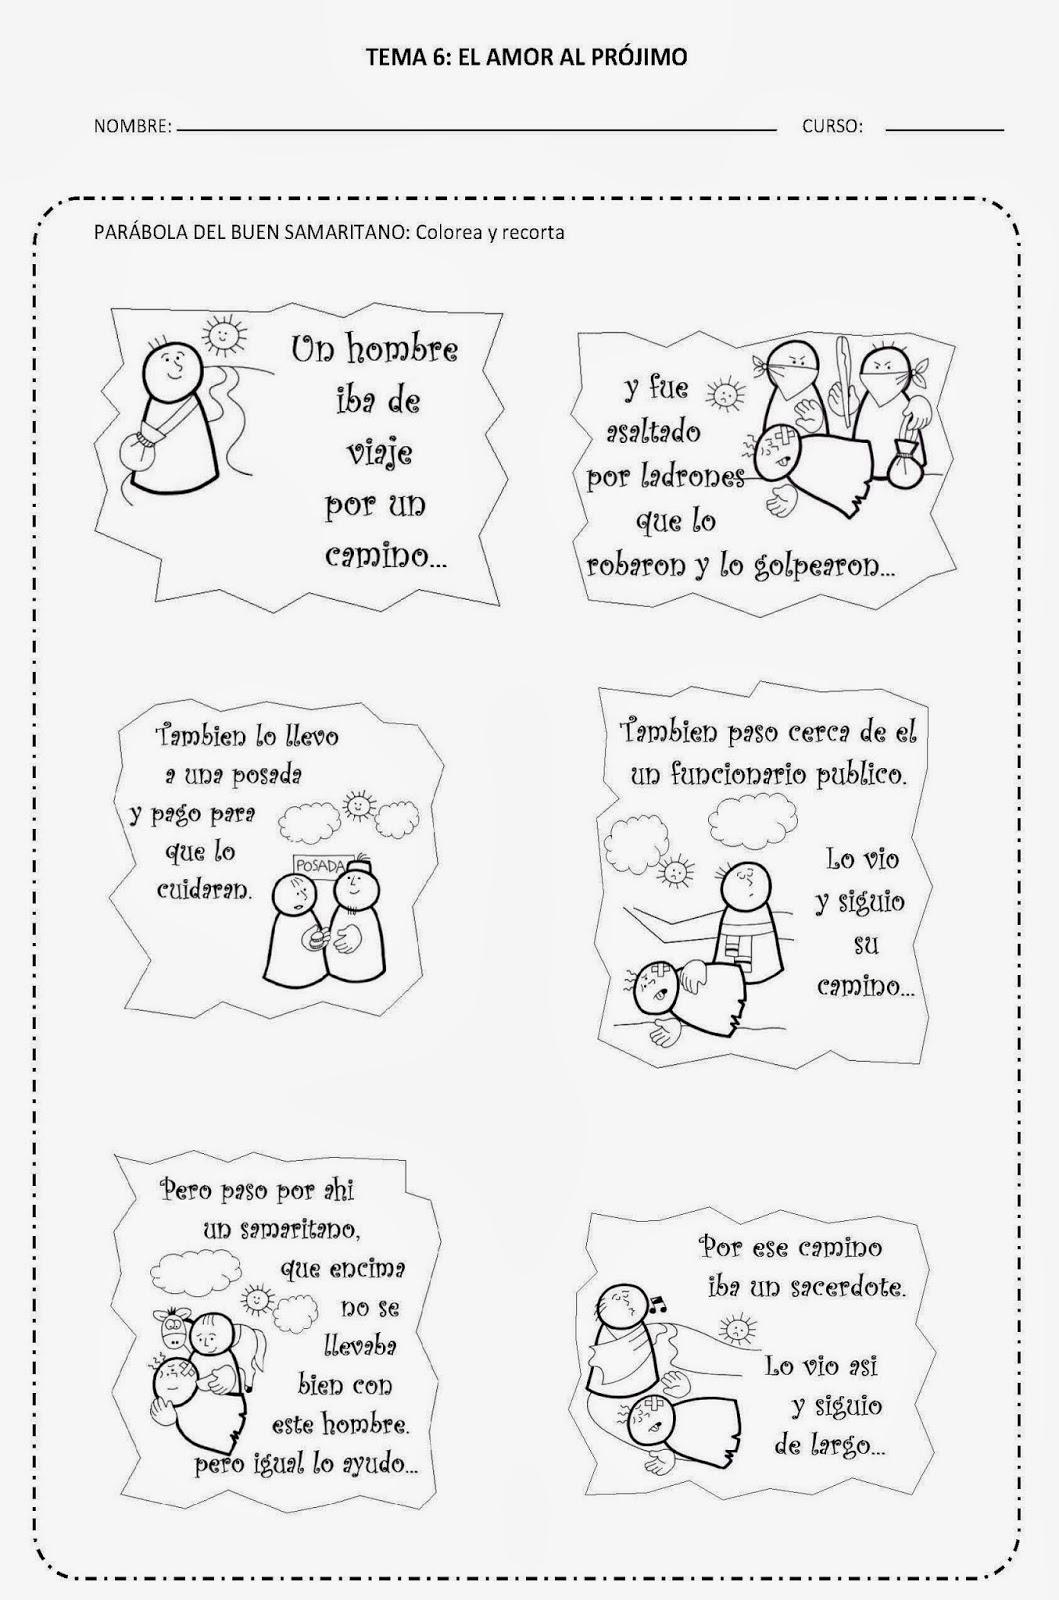 Aprendemos en reli: TEMA 6: AMOR AL PRÓJIMO - FICHAS 2 Y 3